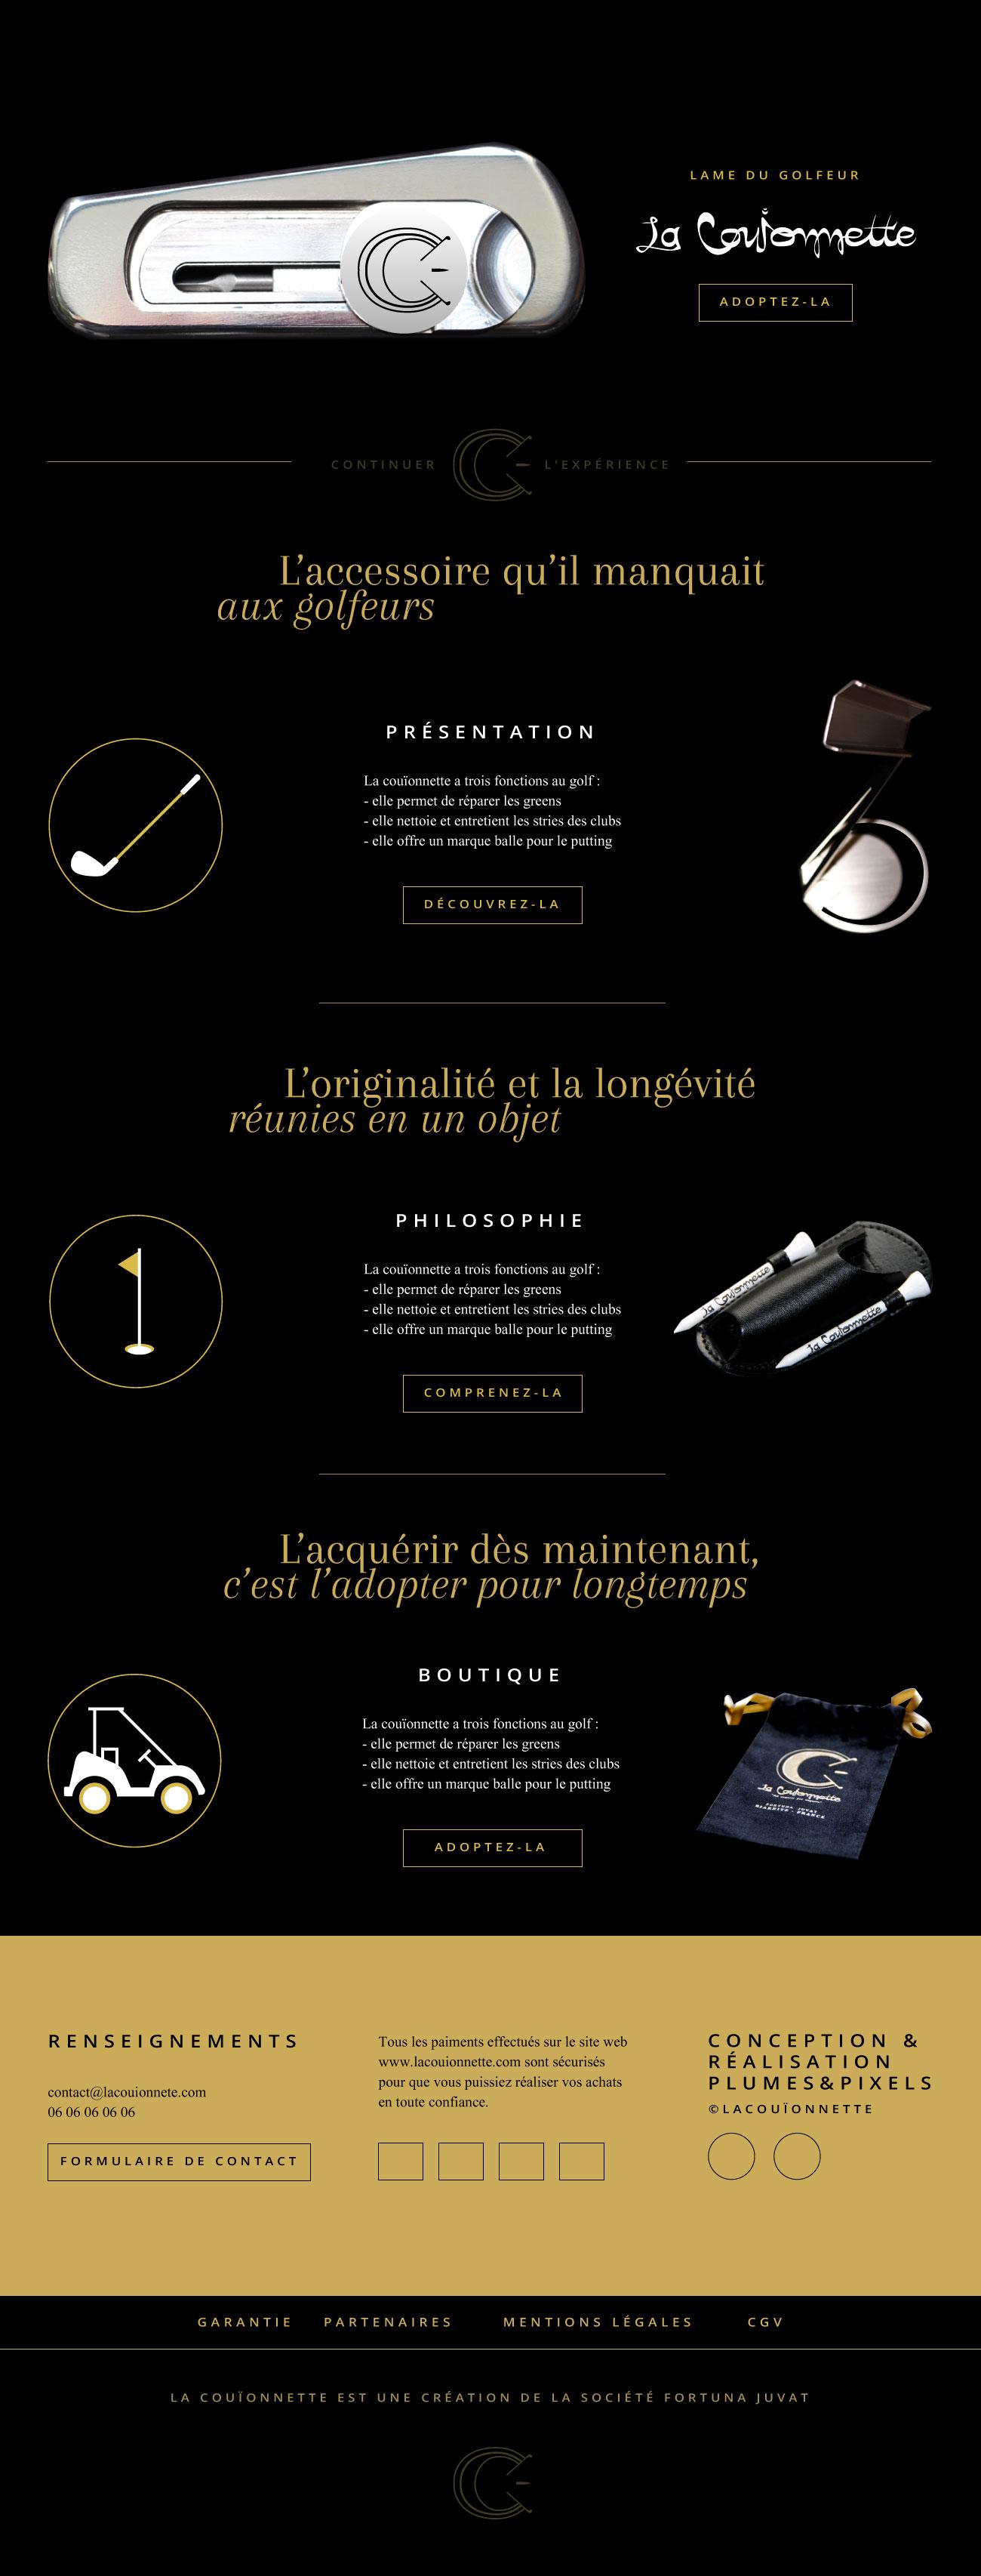 Aïtana Design, Caroline Viollier, graphisme, direction artistique, création graphique, design graphique, branding, Biarritz, Paris, studio de création, luxe, haut de gamme, golf, couteau, webdesign